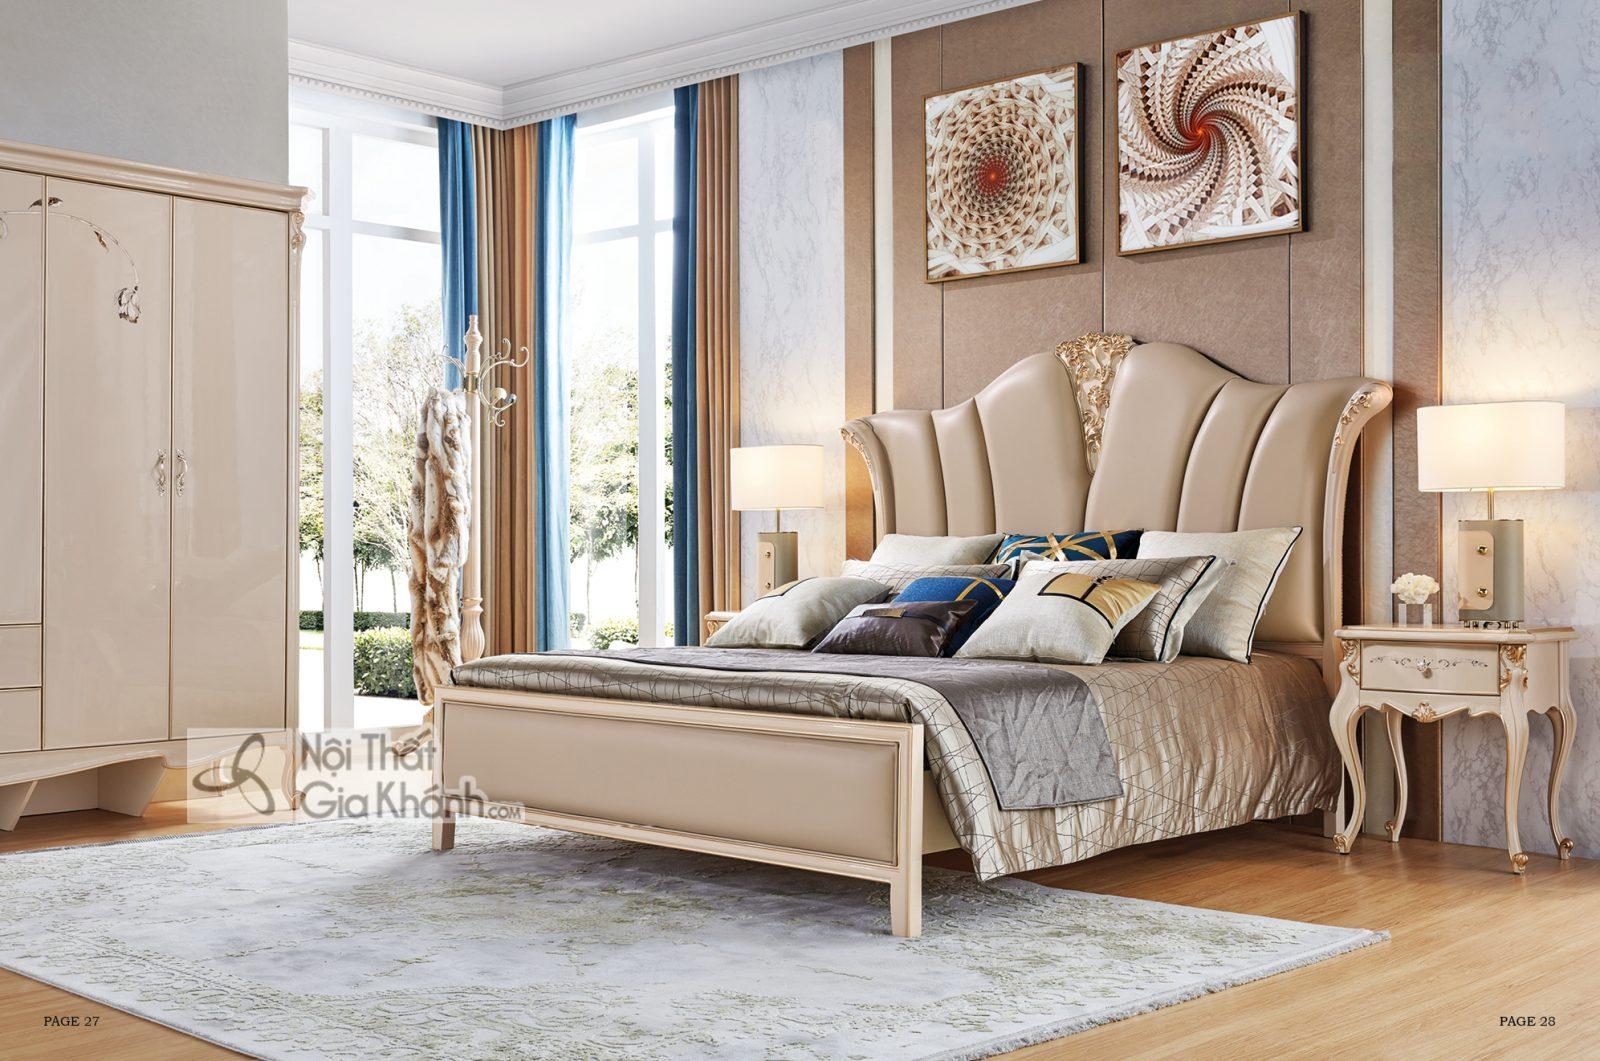 Giường Ngủ Luxury Gi9808H-18 Hiện Đại Phong Cách